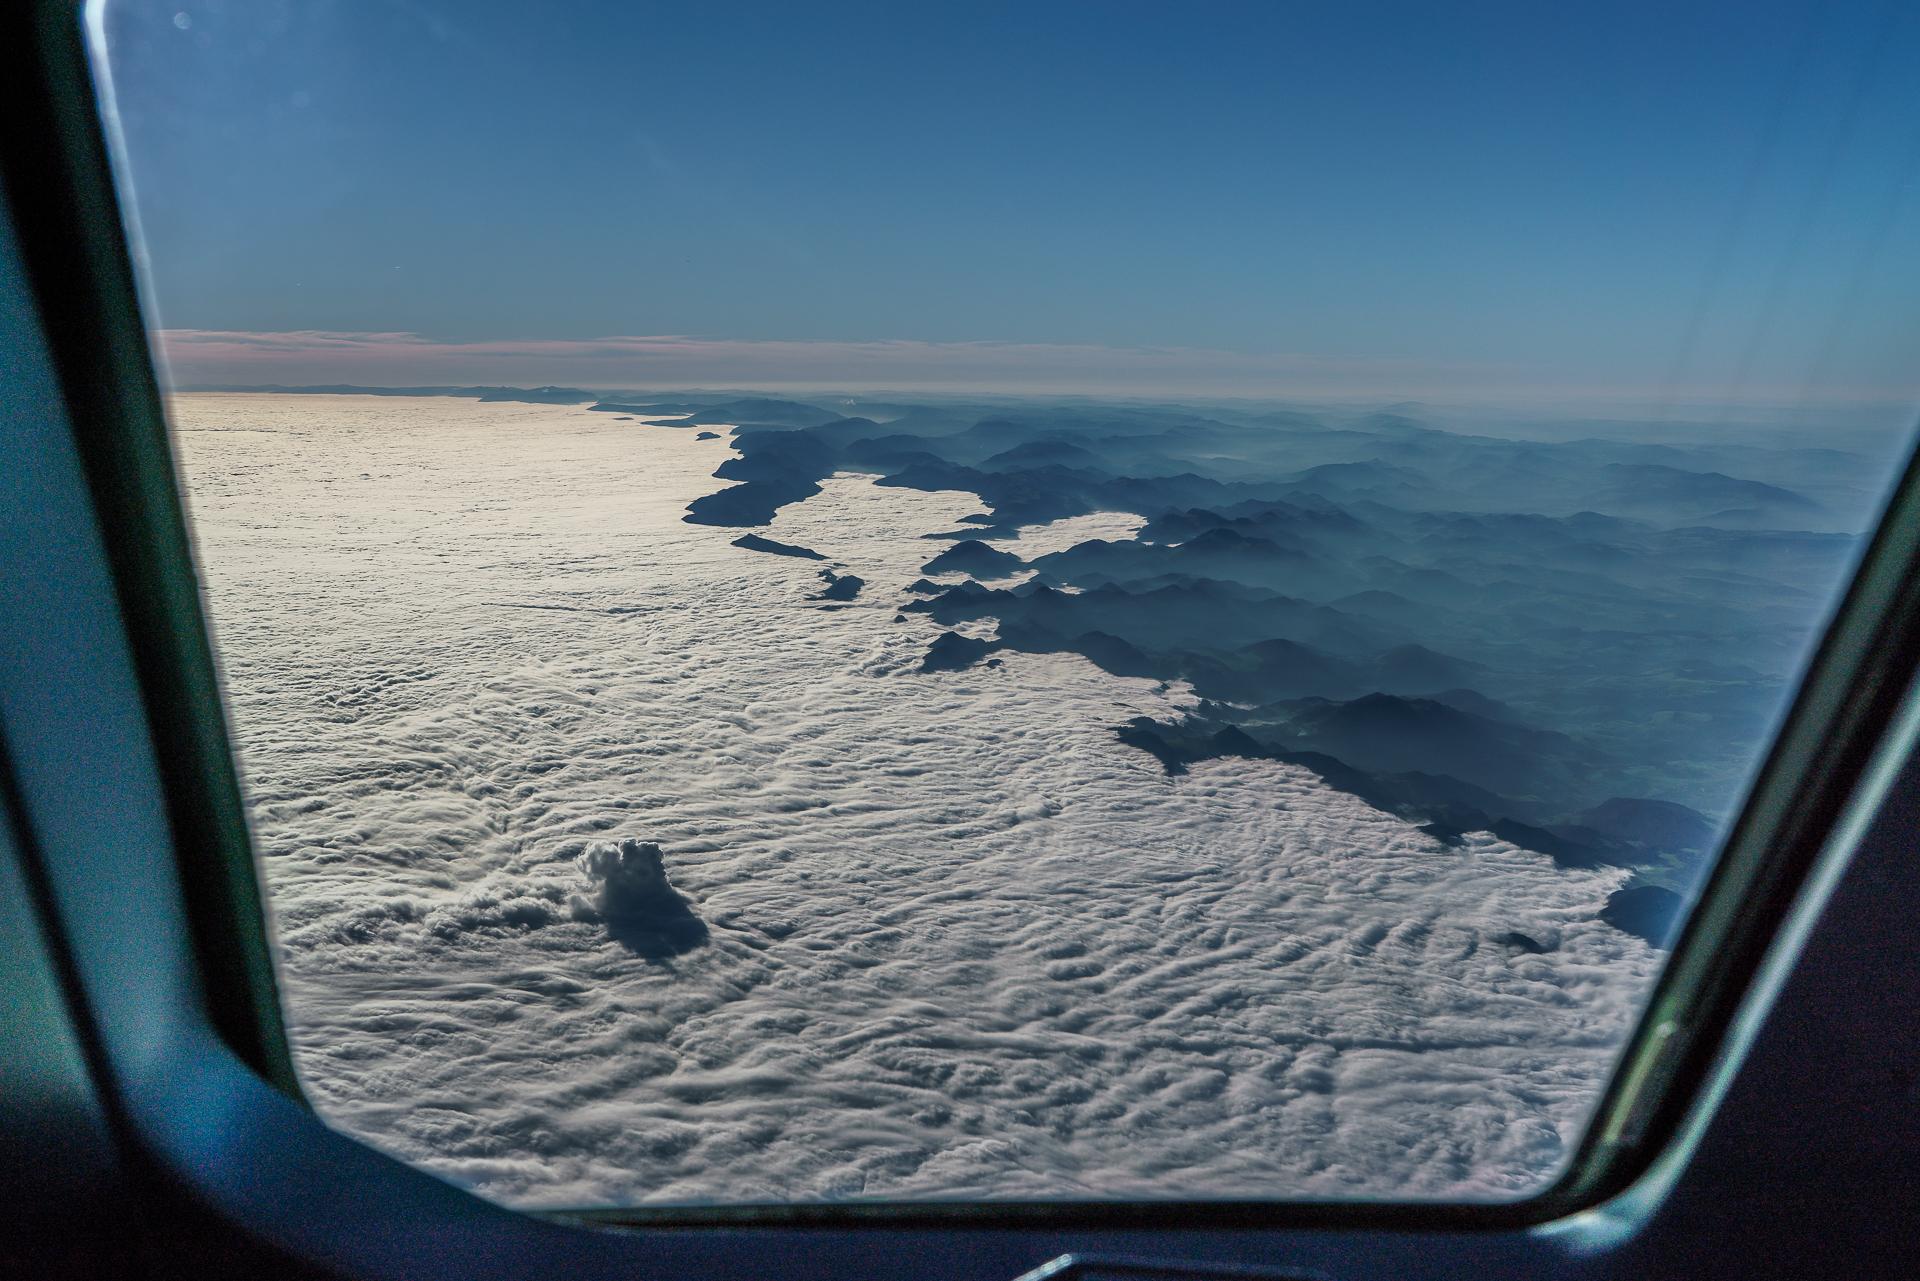 Nebelmeer-Flugzeug